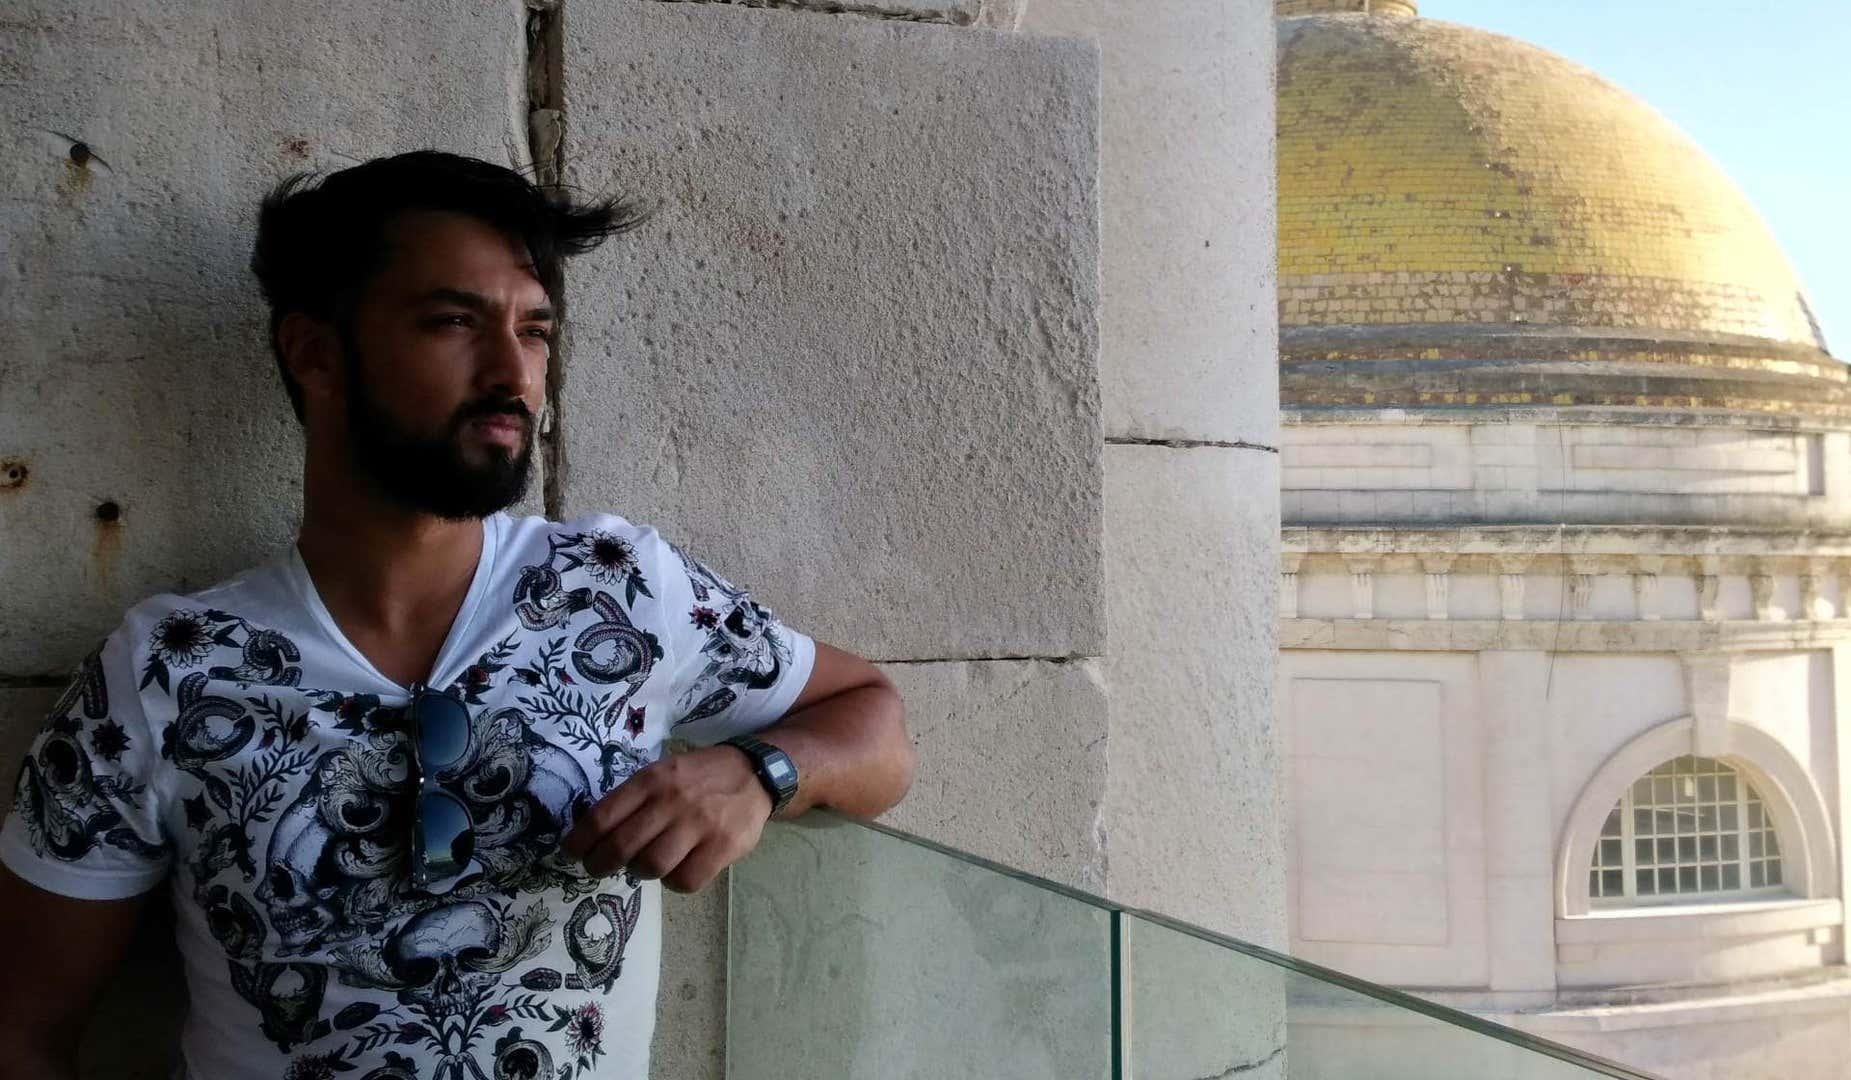 #CivitatisInsider: Ignacio Martínez, Stores Manager